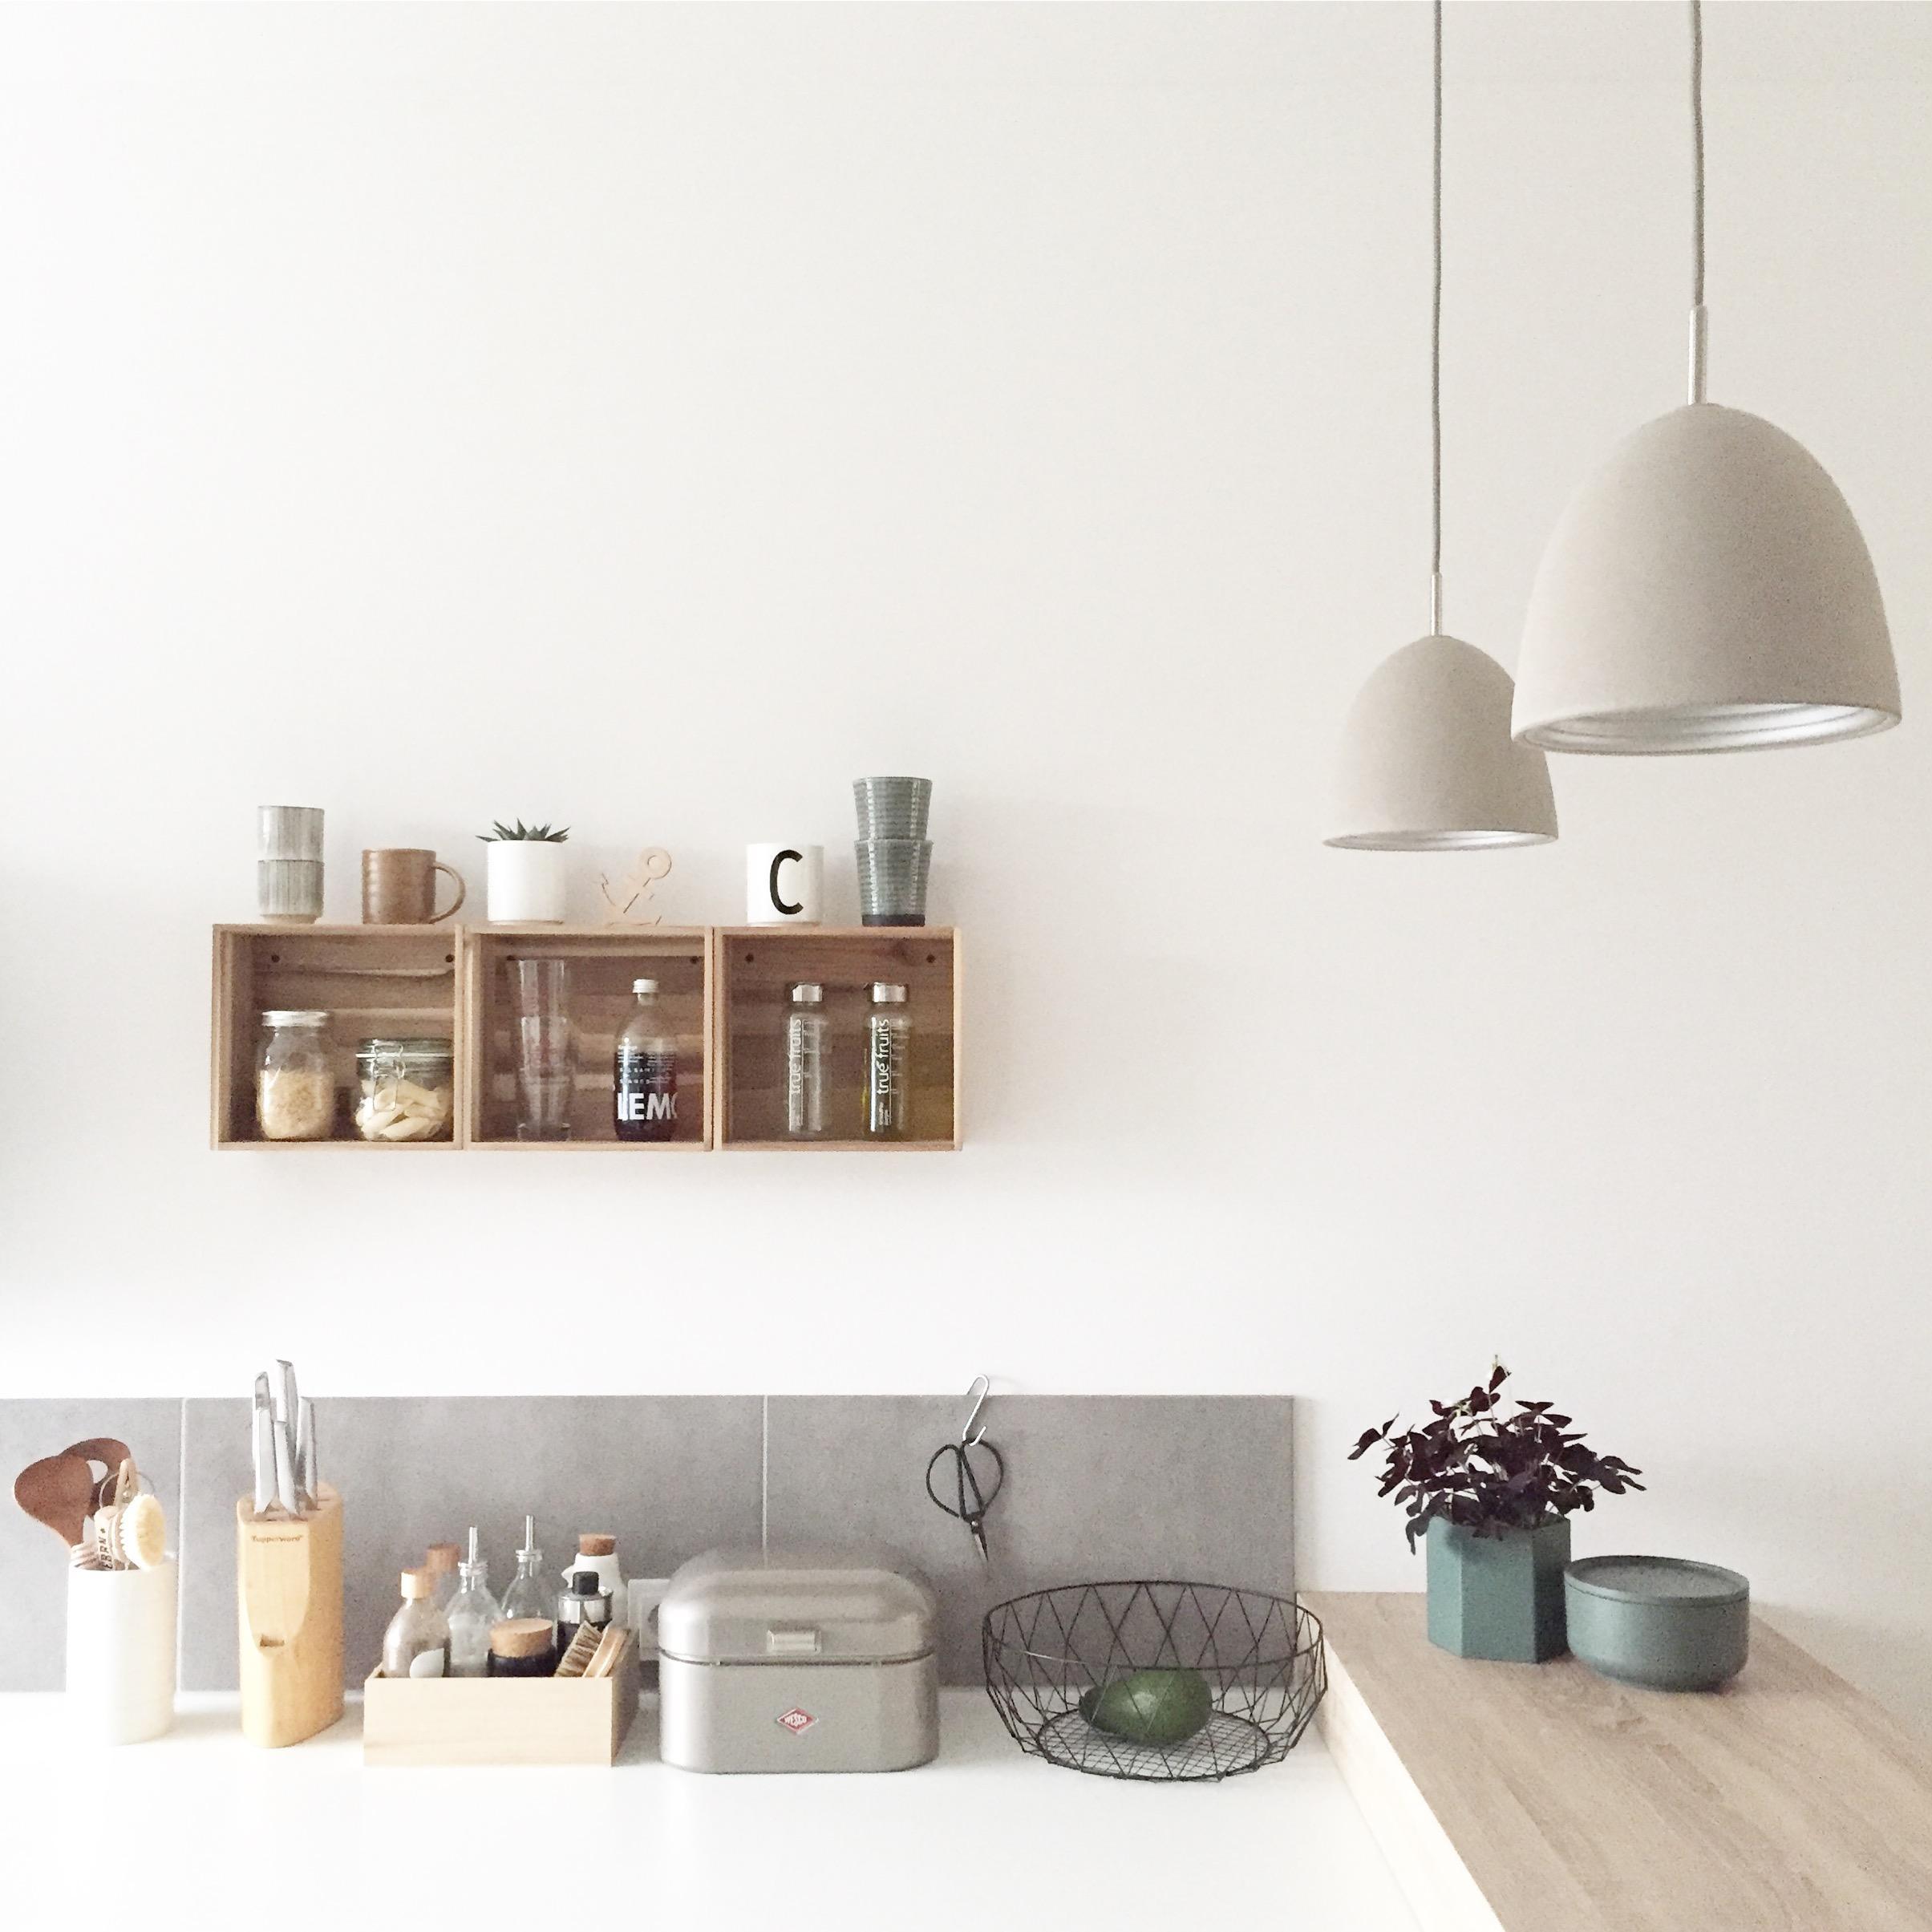 Full Size of Kleines Regal Küche Kchenregal Ideen Ldich Inspirieren Moderne Landhausküche Led Beleuchtung Auf Maß Ohne Rückwand Aus Obstkisten Gebrauchte Verkaufen Wohnzimmer Kleines Regal Küche